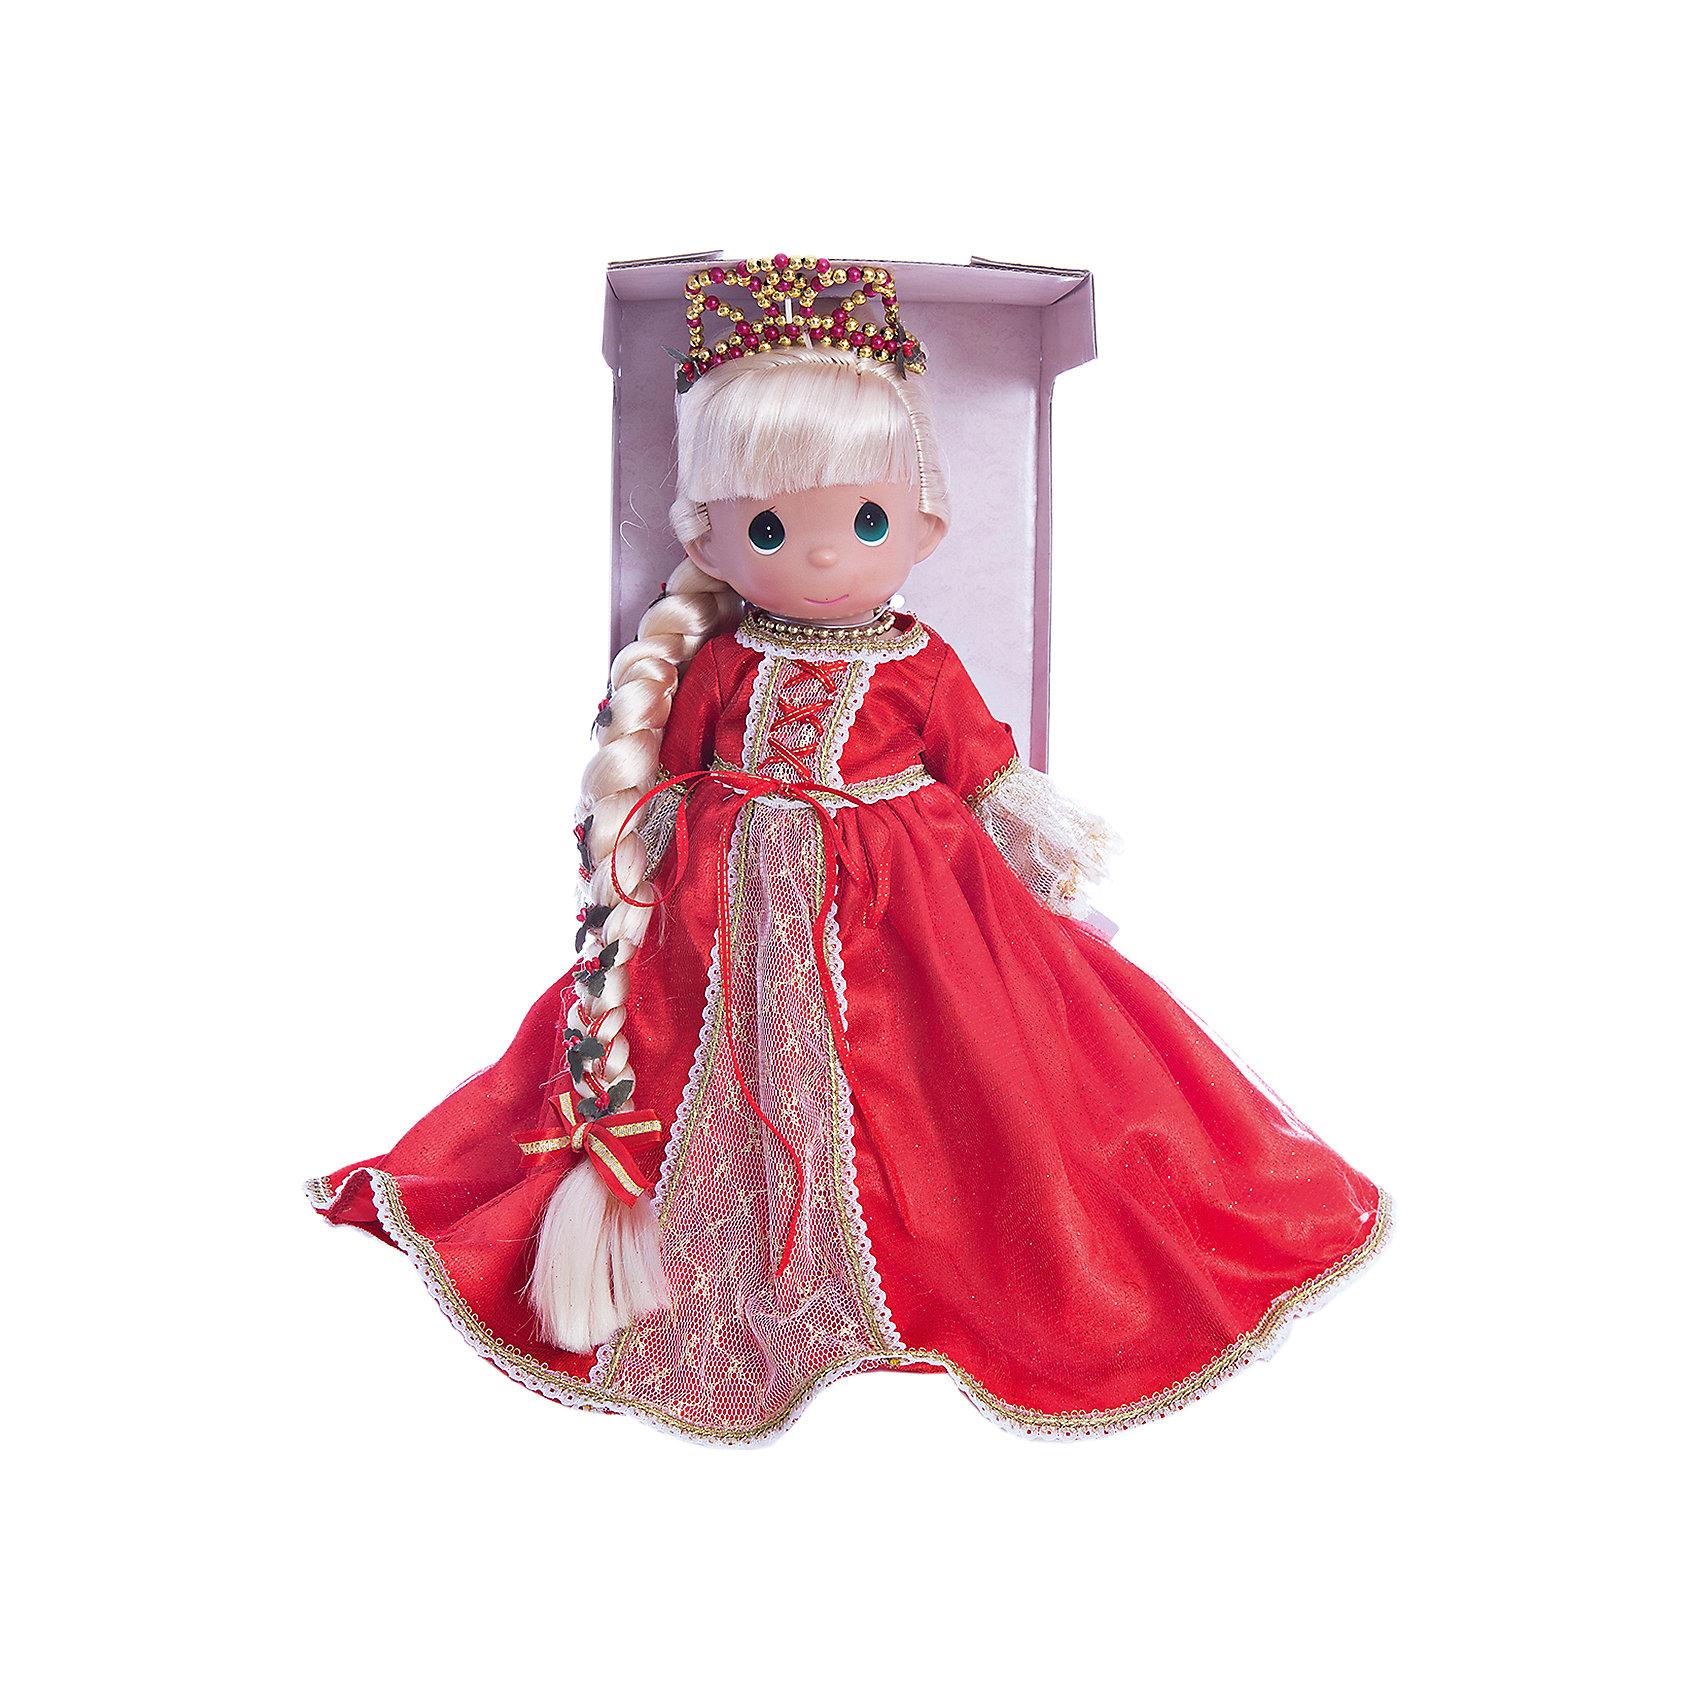 Кукла Рапунцель в красном, 30 см, Precious MomentsКлассические куклы<br>Характеристики товара:<br><br>• возраст: от 3 лет;<br>• материал: винил, текстиль;<br>• высота куклы: 30 см;<br>• размер упаковки: 40х30х20 см;<br>• вес упаковки: 600 гр.;<br>• страна производитель: Филиппины.<br><br>Кукла «Рапунцель в красном» Precious Moments — коллекционная кукла с выразительными глазками и светлыми длинными волосами, заплетенными в косу. Рапунцель одета в красное платье, а голову украшает диадема. <br><br>У куклы имеются подвижные детали. Она выполнена из качественного безопасного материала.<br><br>Куклу «Рапунцель в красном» Precious Moments можно приобрести в нашем интернет-магазине.<br><br>Ширина мм: 140<br>Глубина мм: 300<br>Высота мм: 80<br>Вес г: 428<br>Возраст от месяцев: 36<br>Возраст до месяцев: 2147483647<br>Пол: Женский<br>Возраст: Детский<br>SKU: 5482489